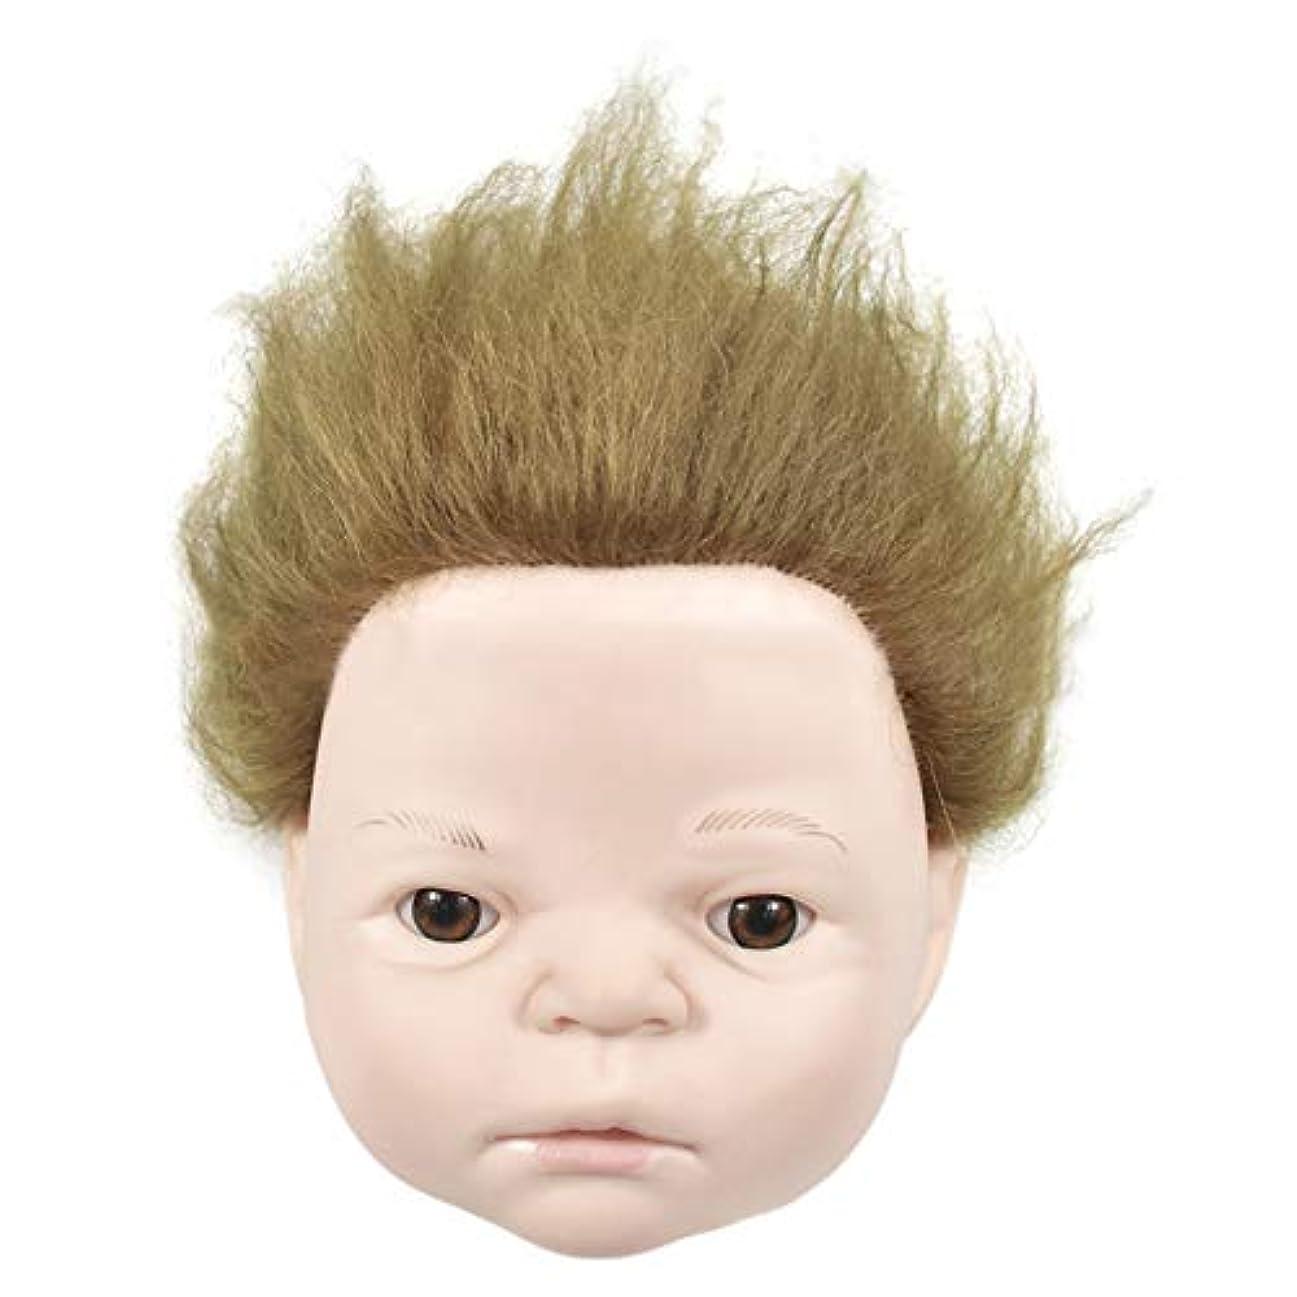 ガム期限ベール練習理髪散髪ヘッドモデルリアルヘアドールヘッド形状教育ヘッドサロン教育学習マネキンヘッド